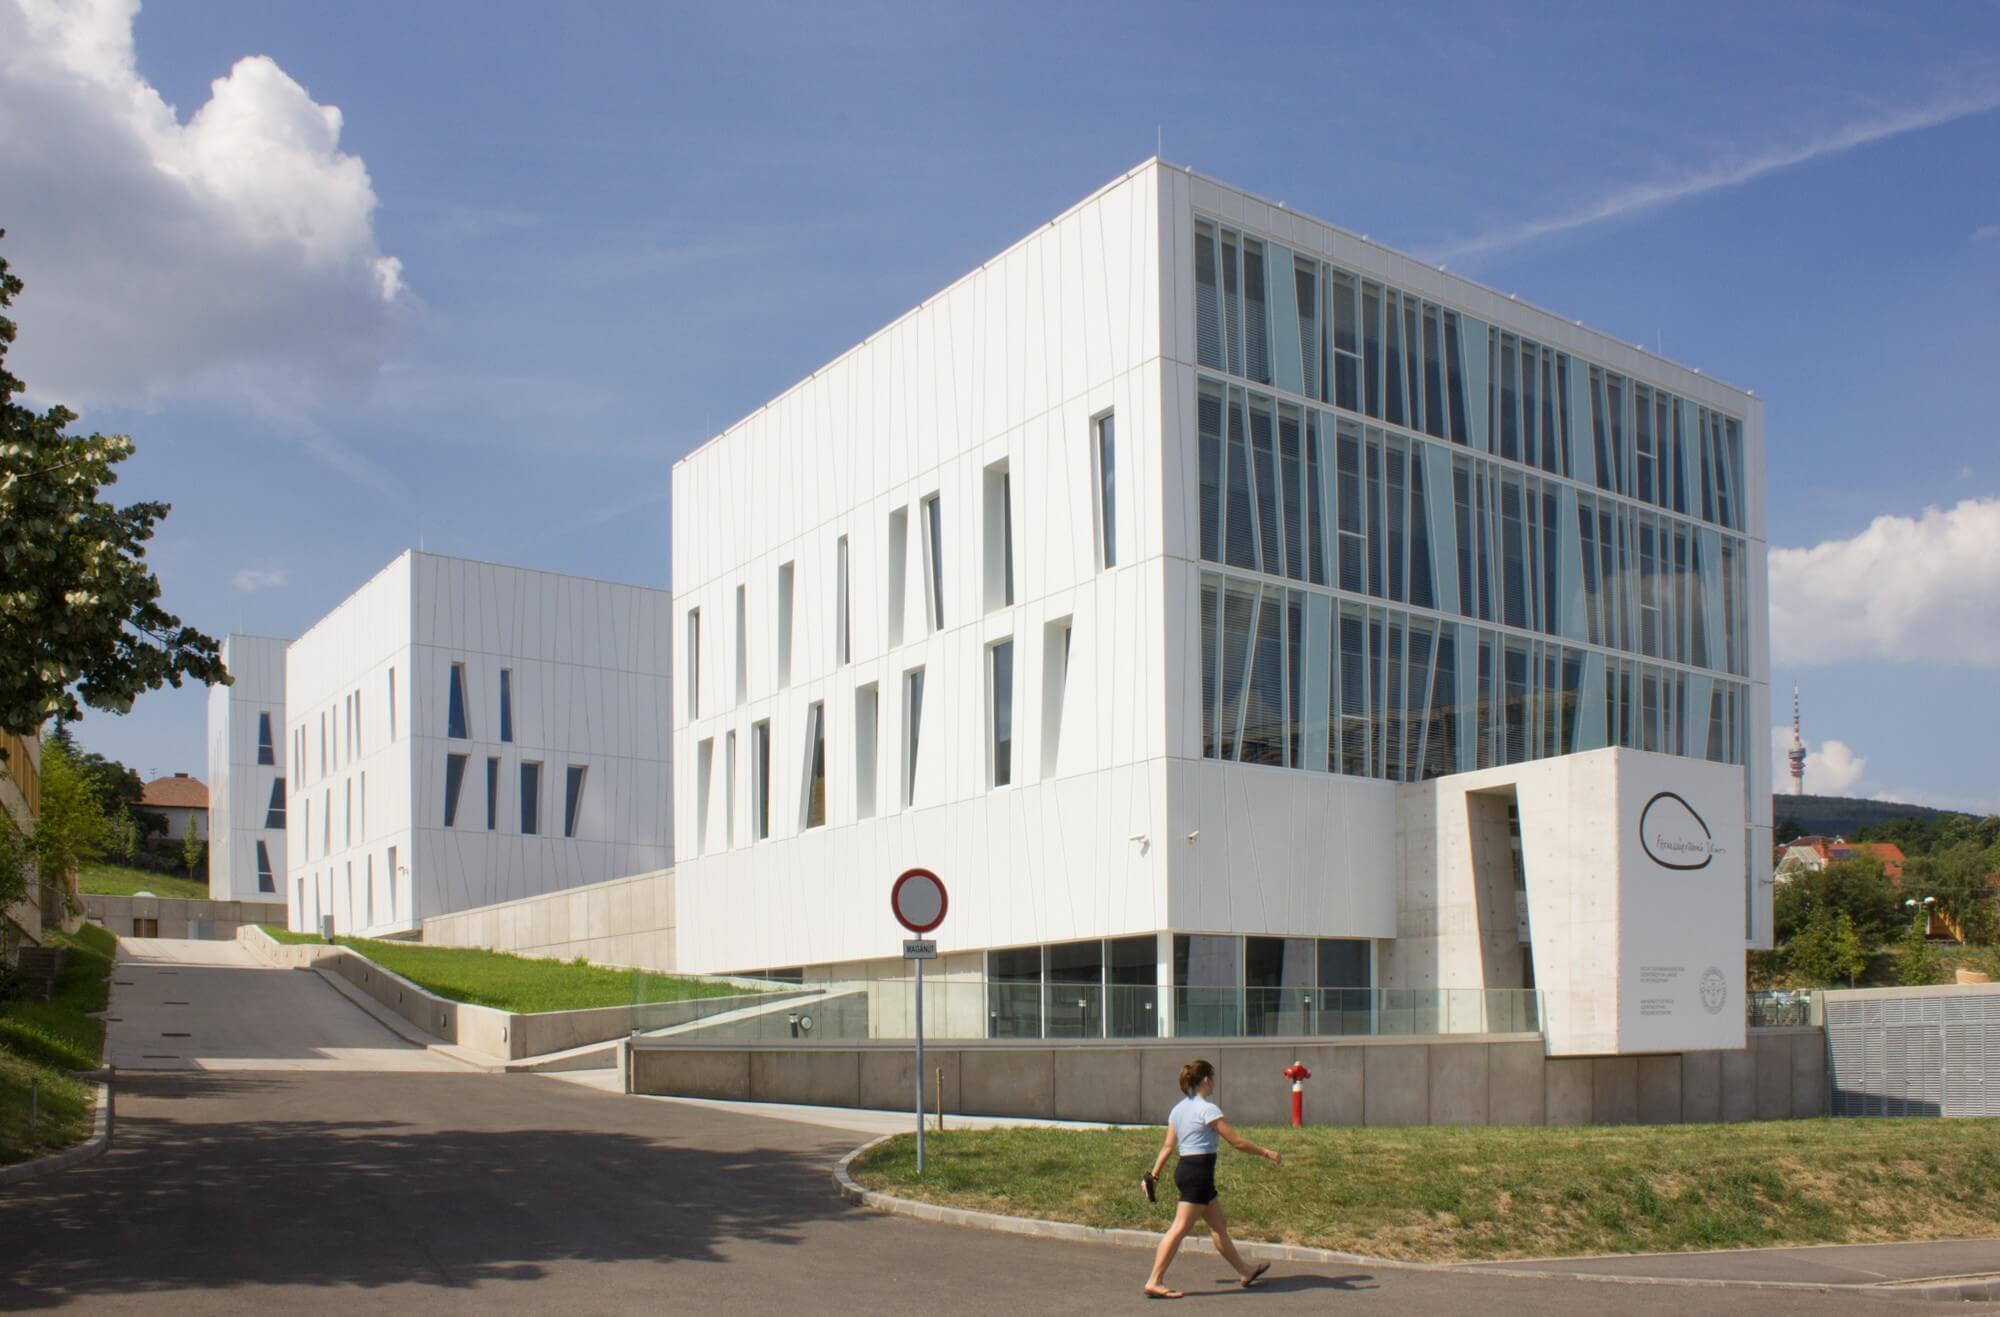 Új tejtermékeket is tervezhetnek Nyugat-Magyarország leendő kutatási központjában